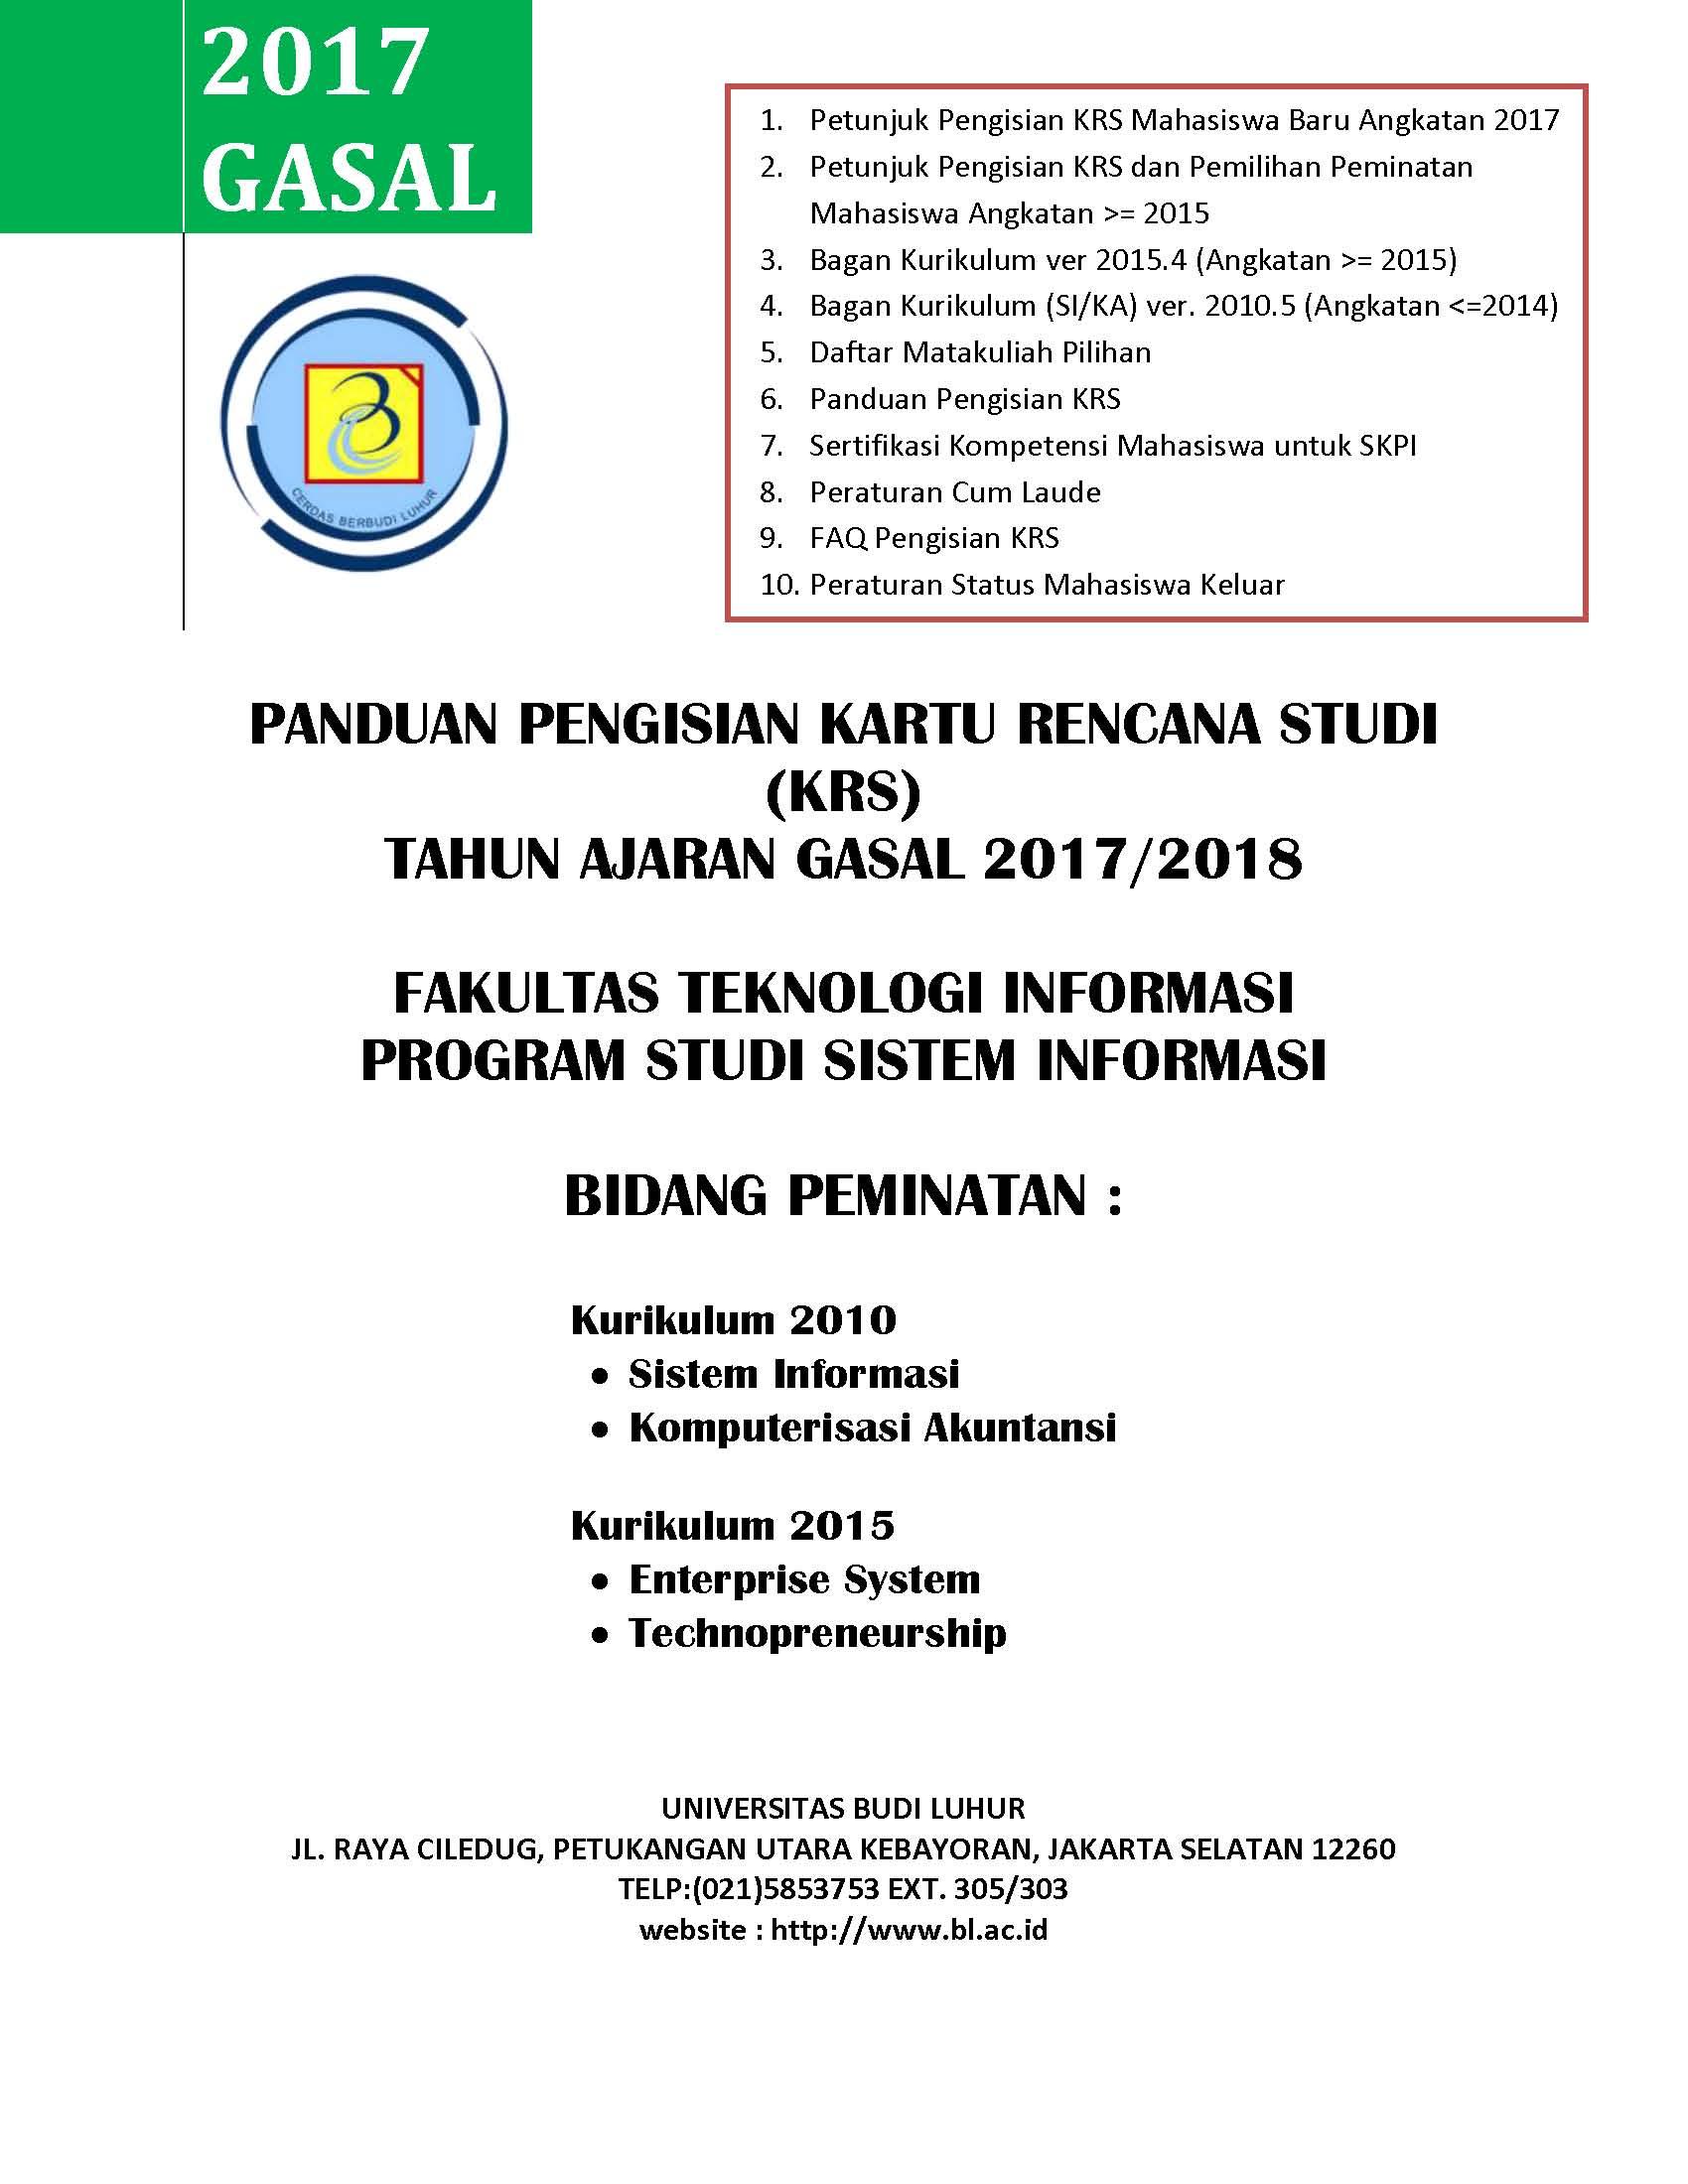 Panduan Pengisian KRS Gasal 2017/2018 Program Studi Sistem Informasi – Fakultas Teknologi Informasi